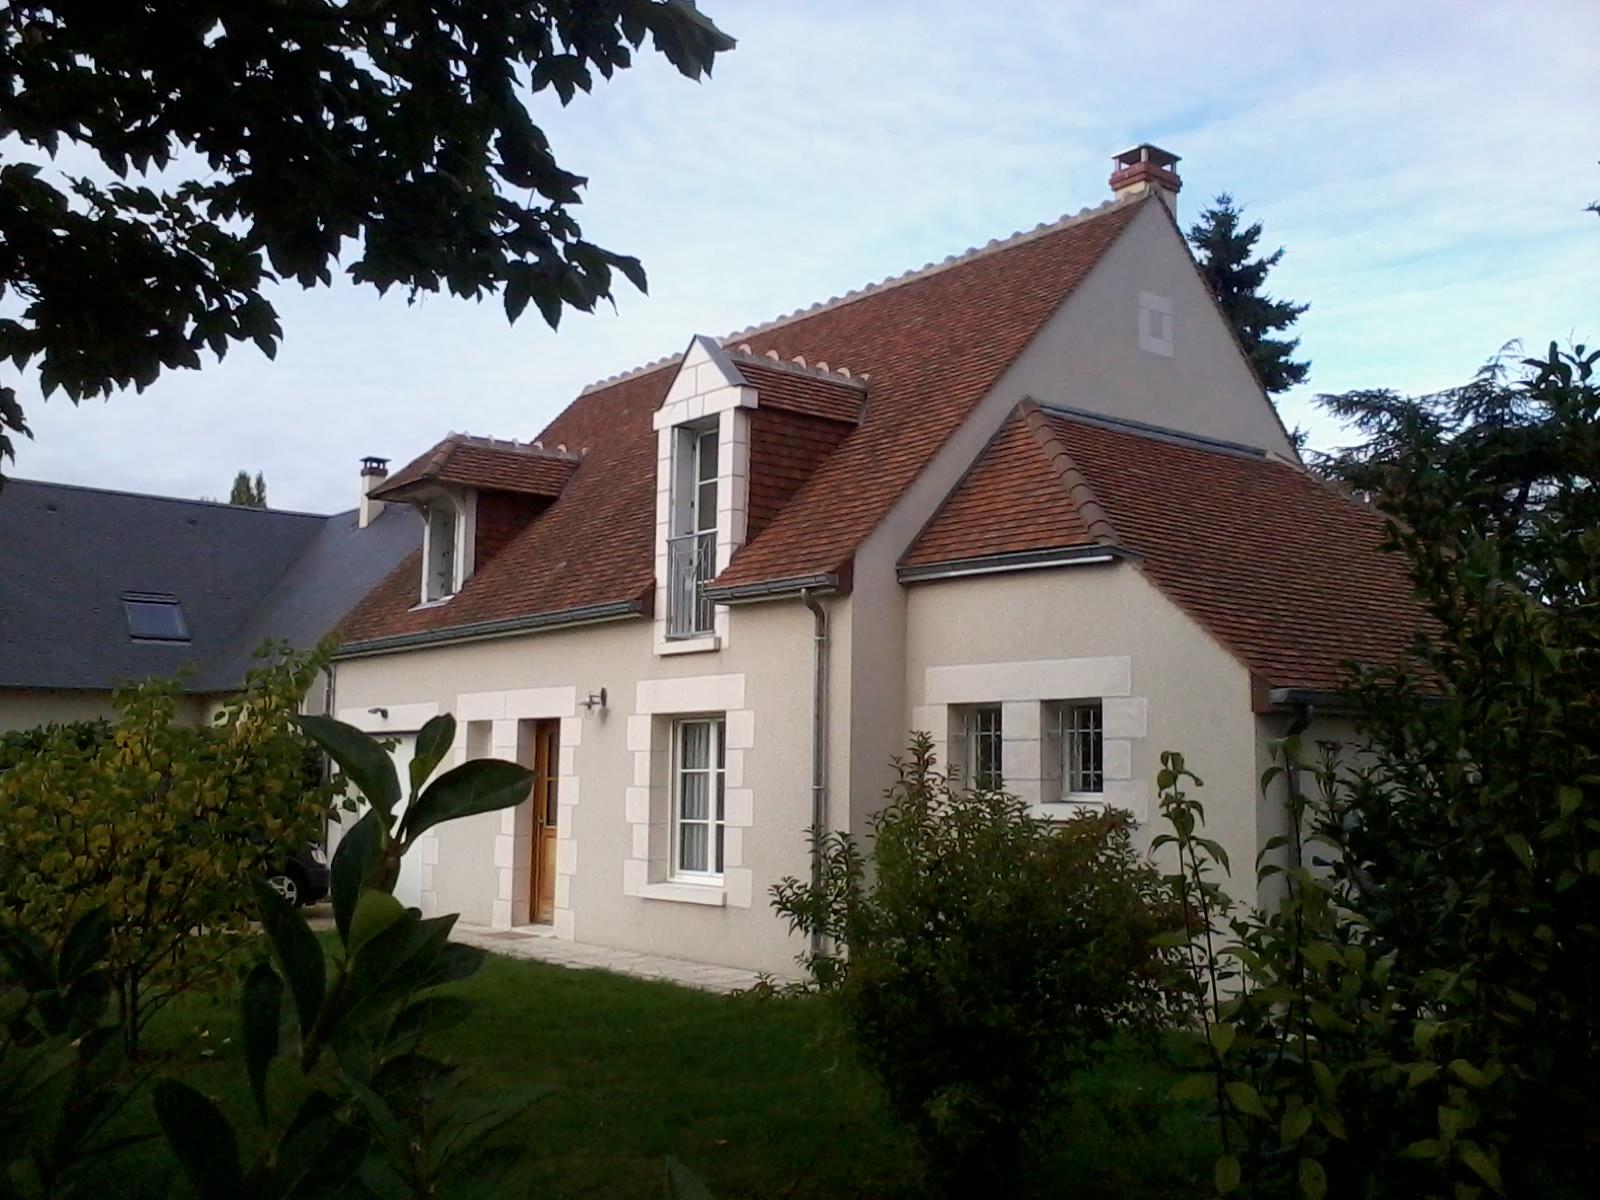 Réalisation d'une maison traditionnelle à Saint-Avertin 37550